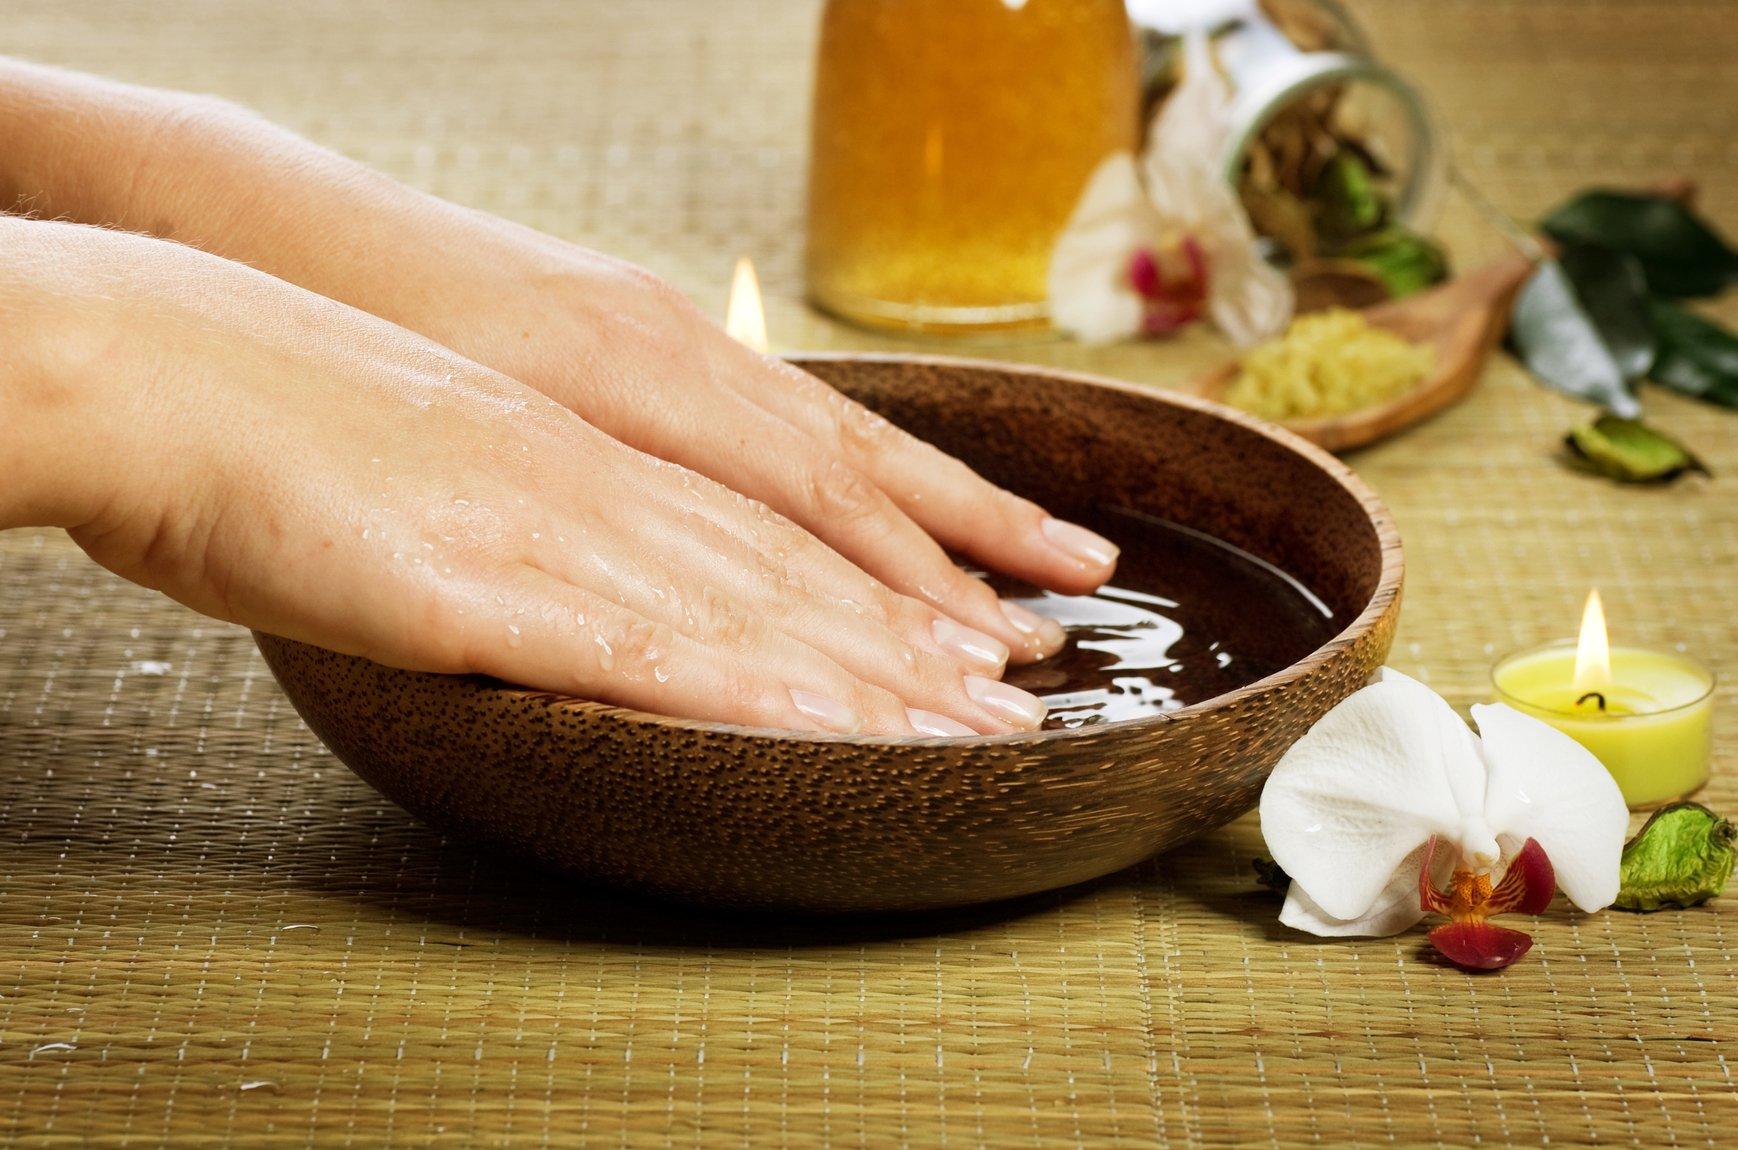 Как лечить нарывы на пальце – рецепты ЗОЖ